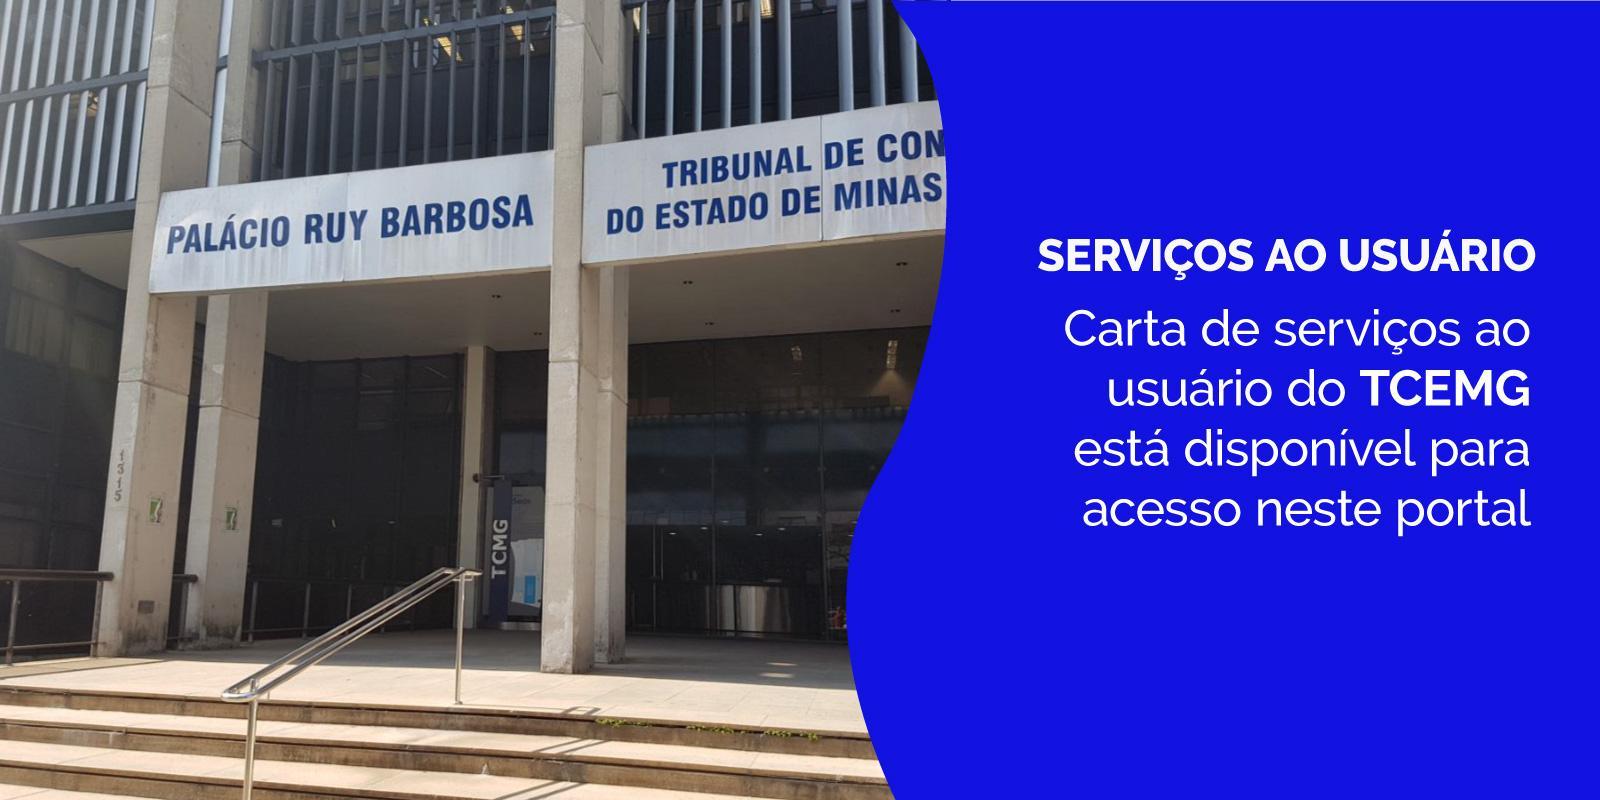 Carta de serviços ao usuário do TCEMG está disponível para acesso neste portal